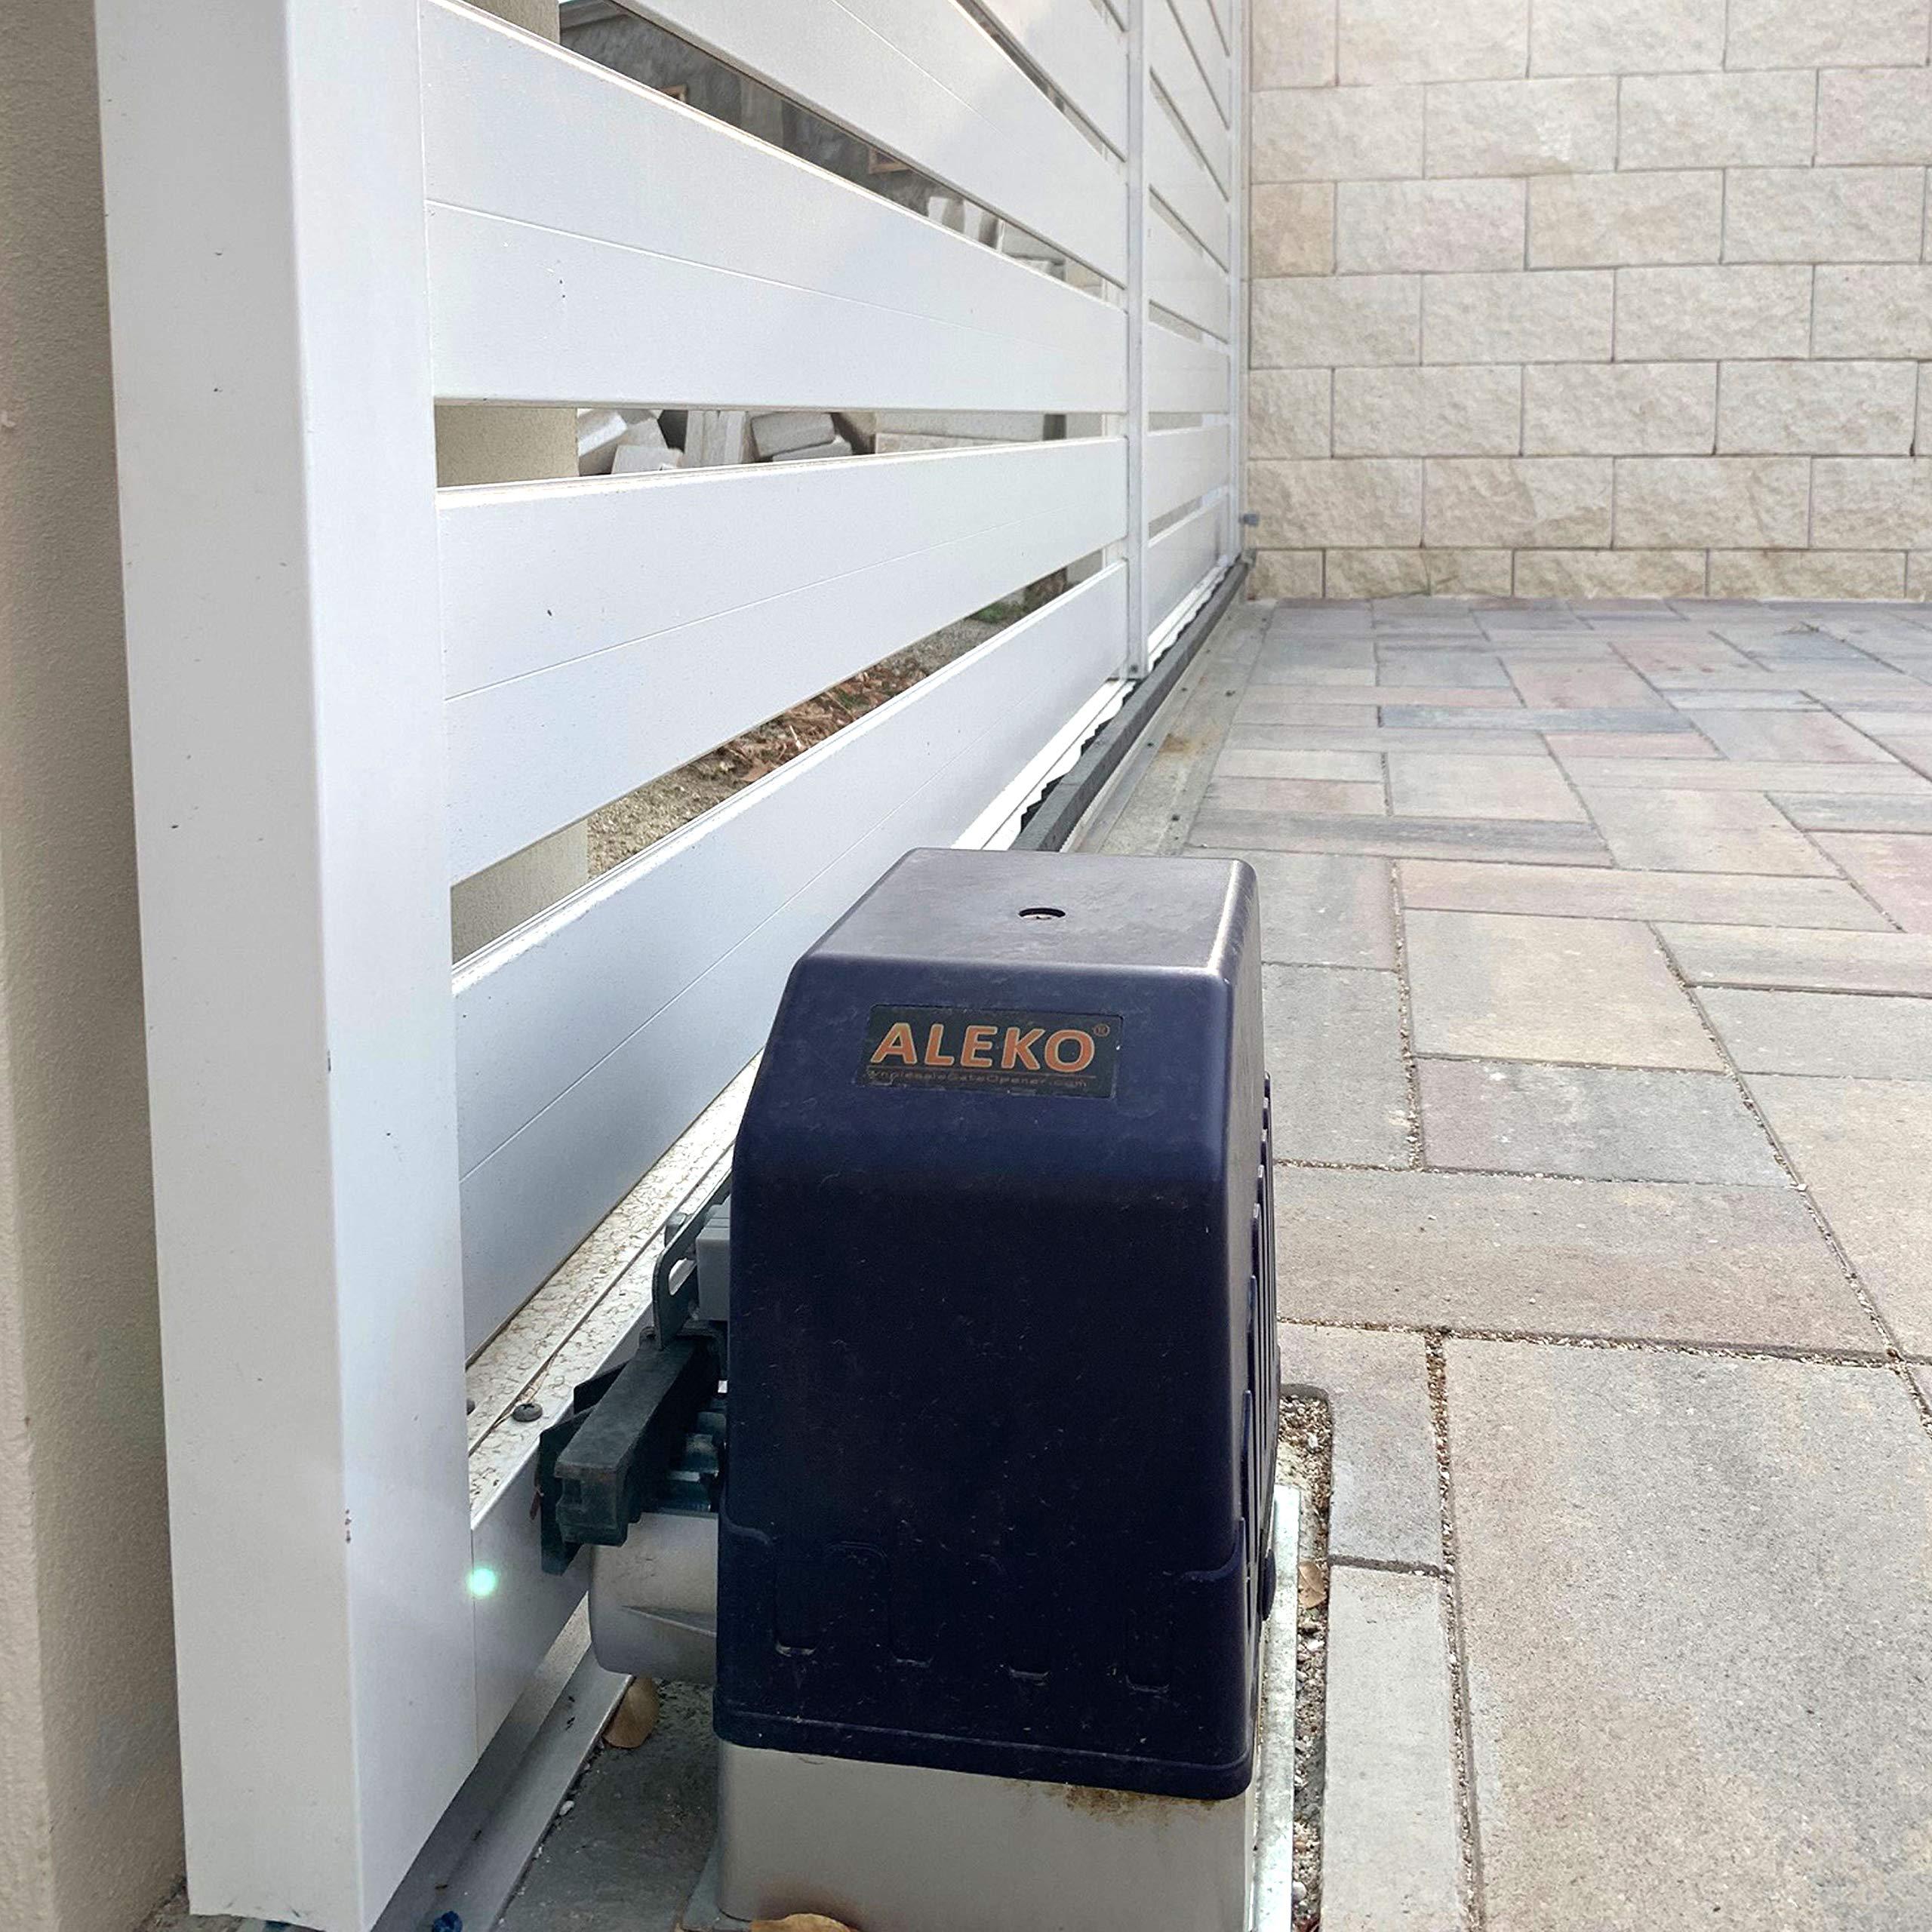 ALEKO AR1450 puerta corredera abrelatas para puertas de garaje correderas hasta 15-metros de largo y 635-kilogramos: Amazon.es: Bricolaje y herramientas